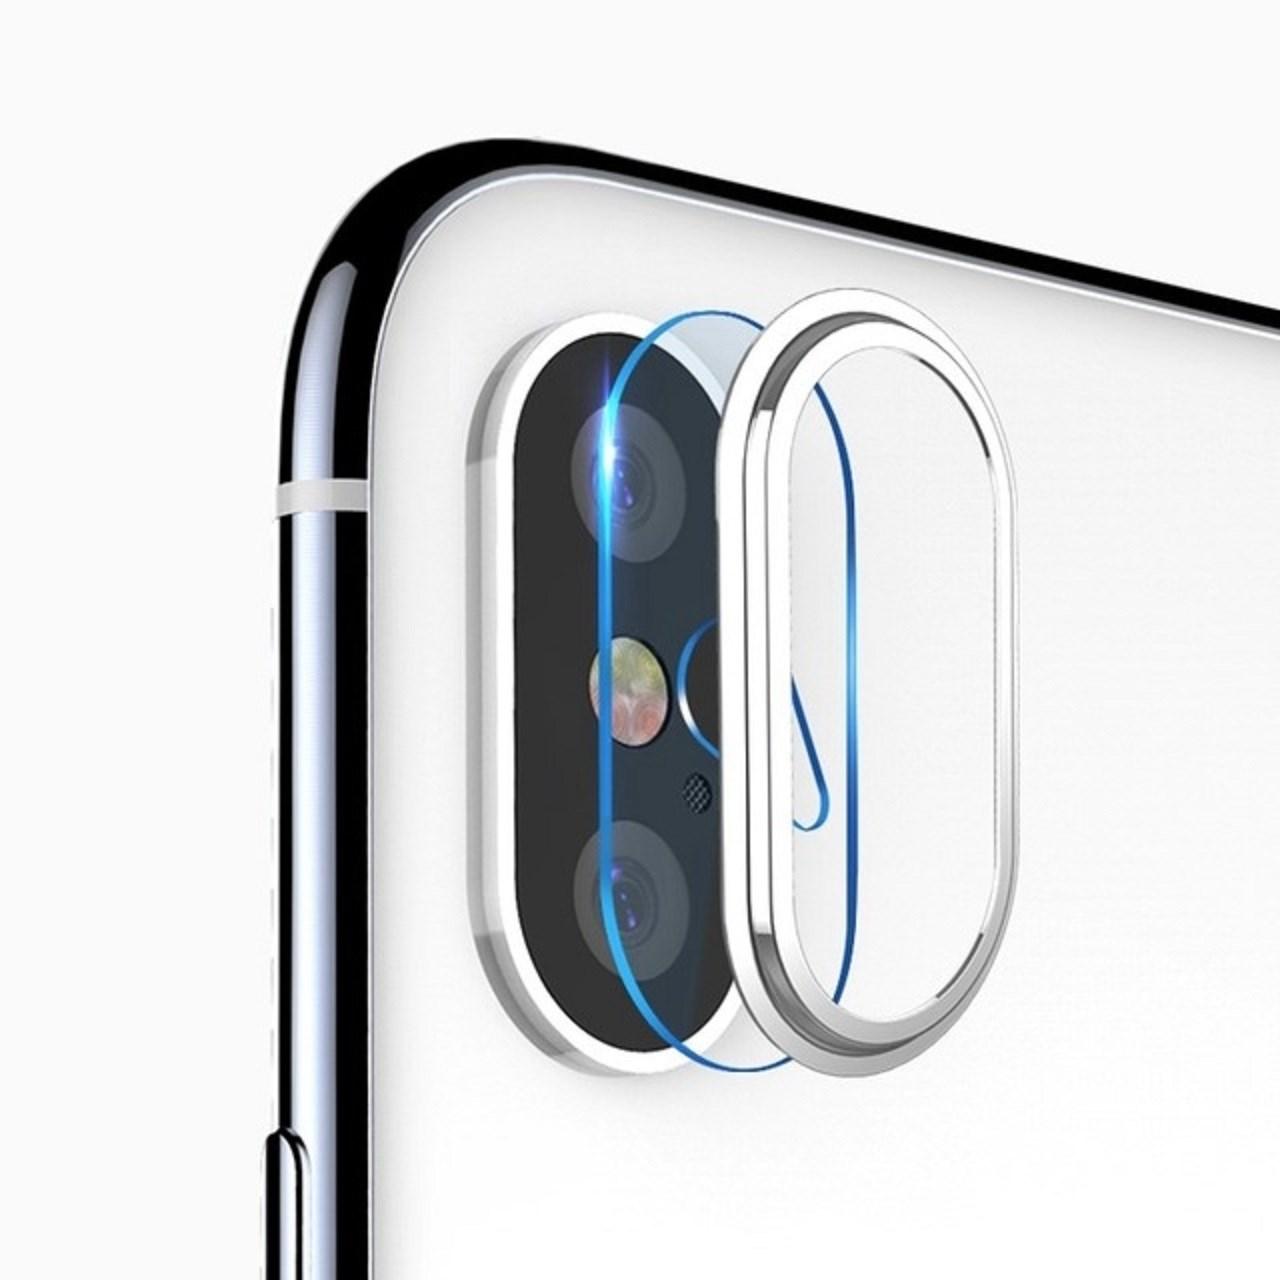 محافظ لنز دوربین شیشه ای کوتتسی مدل تمپردبه همراه حلقه محافظ مناسب برای گوشی موبایل اپل آیفون X